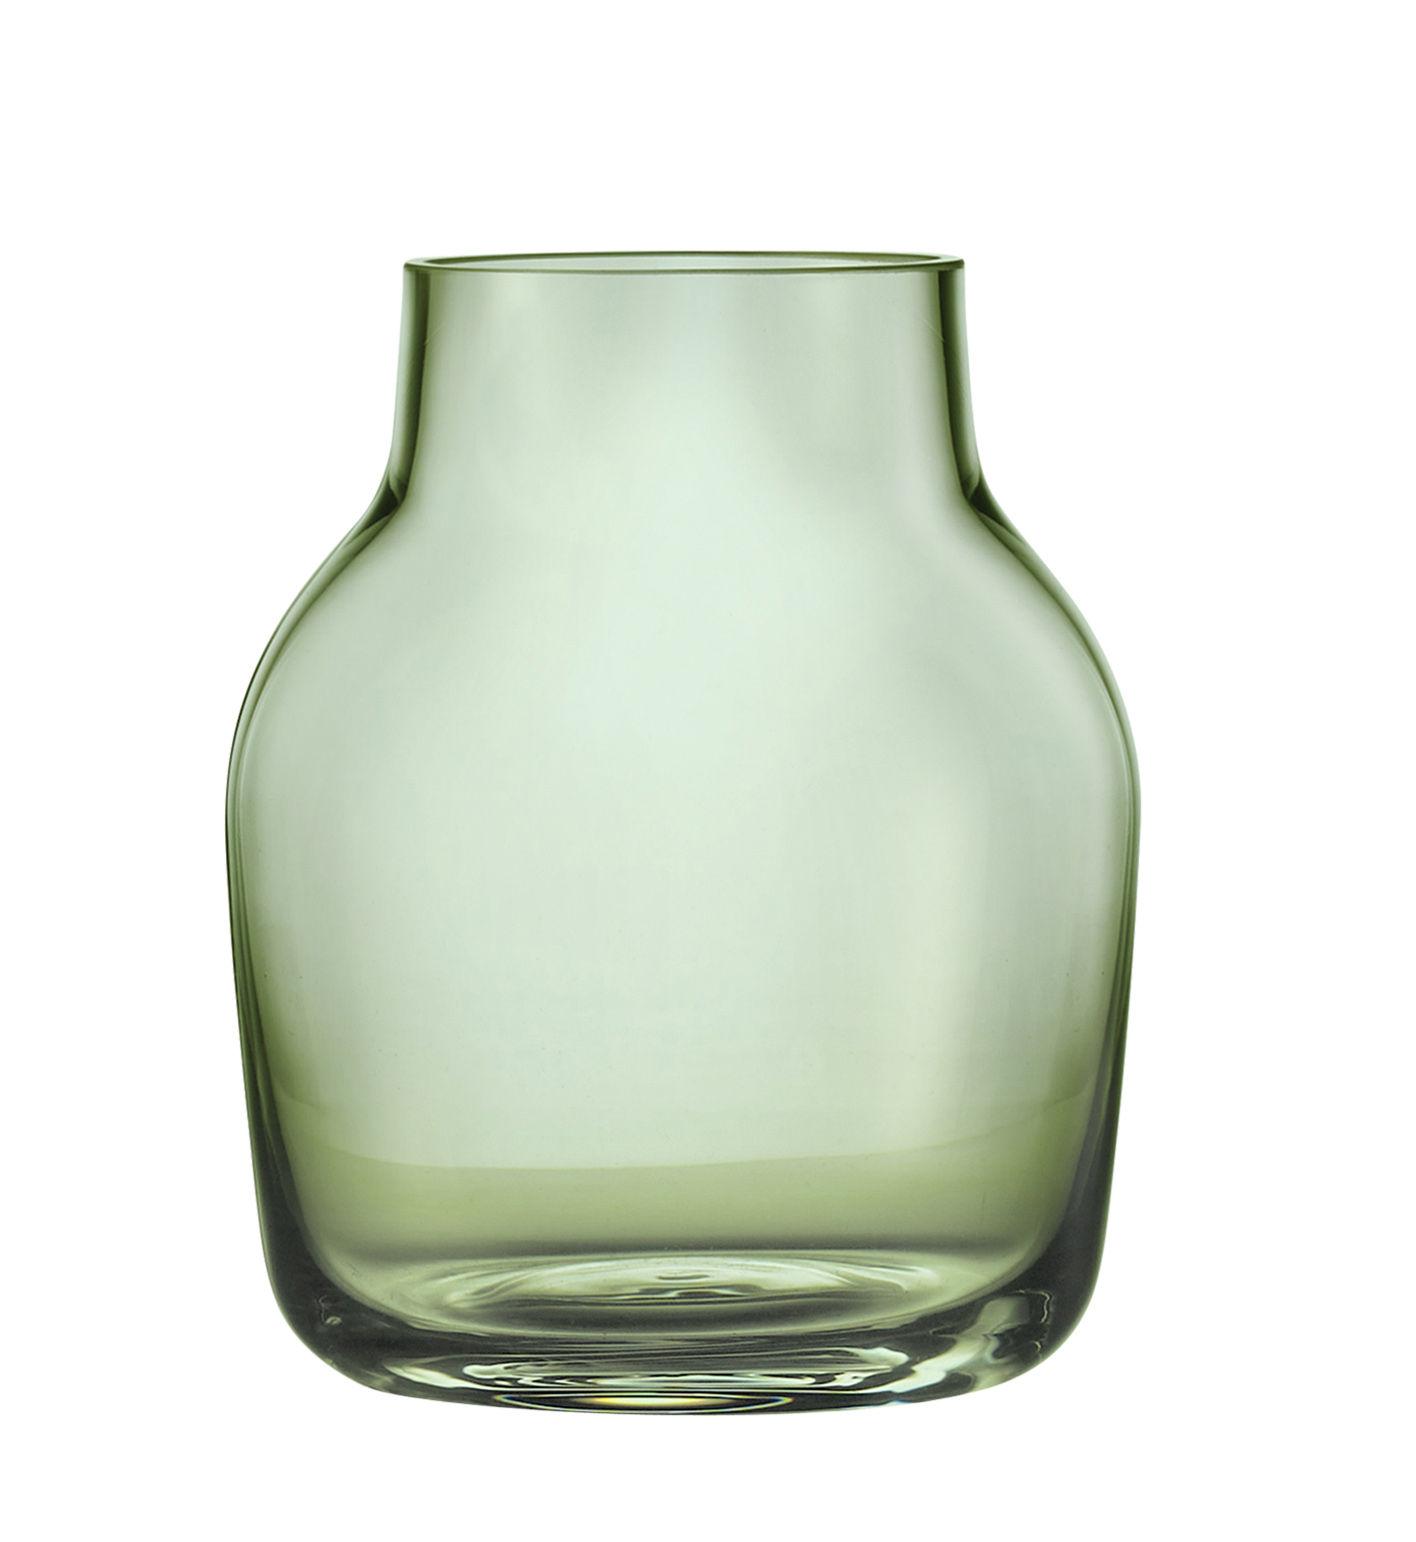 Interni - Vasi - Vaso Silent / Ø 11 cm - Muuto - Verde trasparente - vetro soffiato